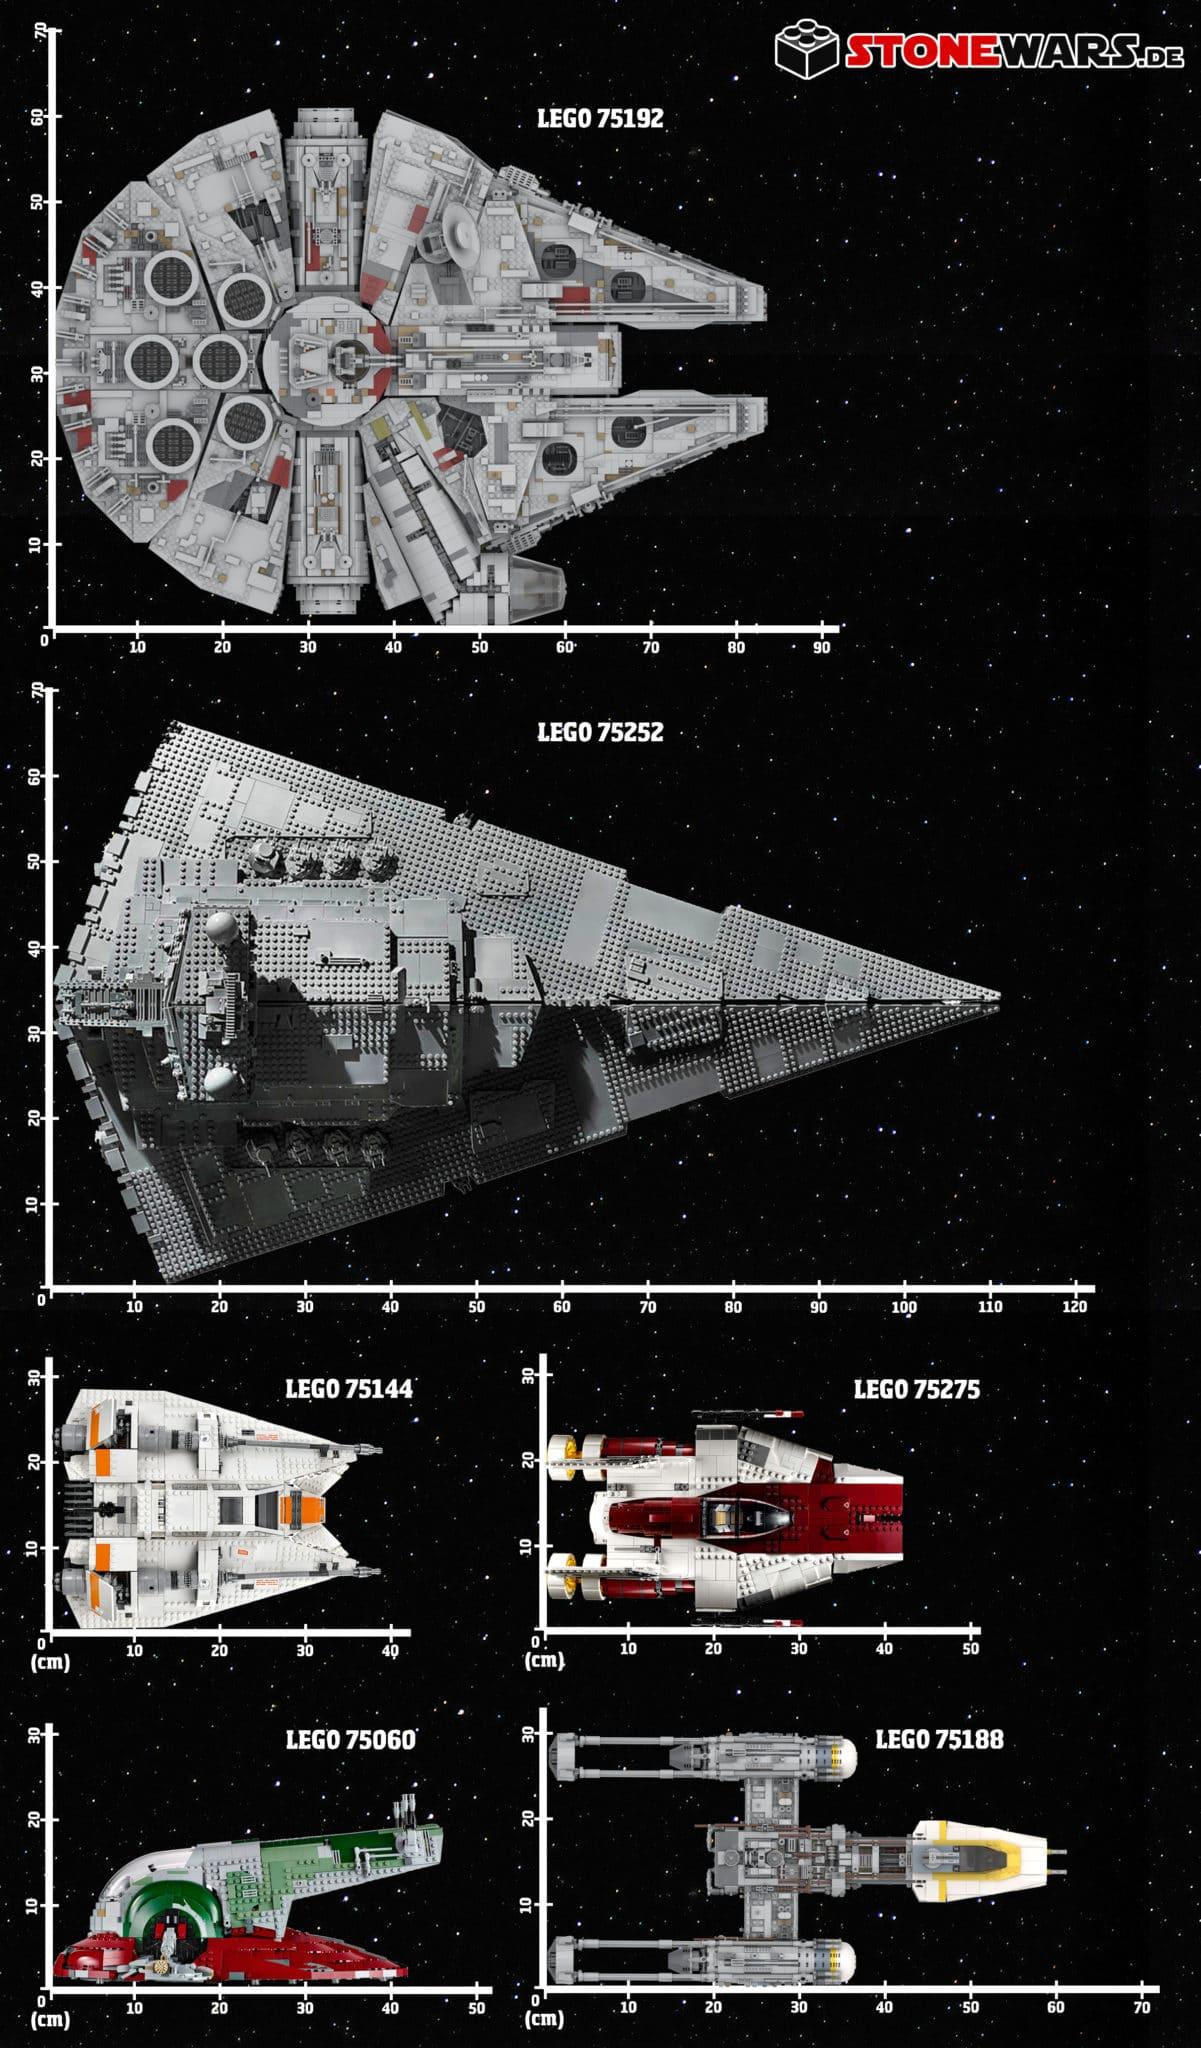 LEGO Star Wars UCS Raumschiffe Größenvergleich